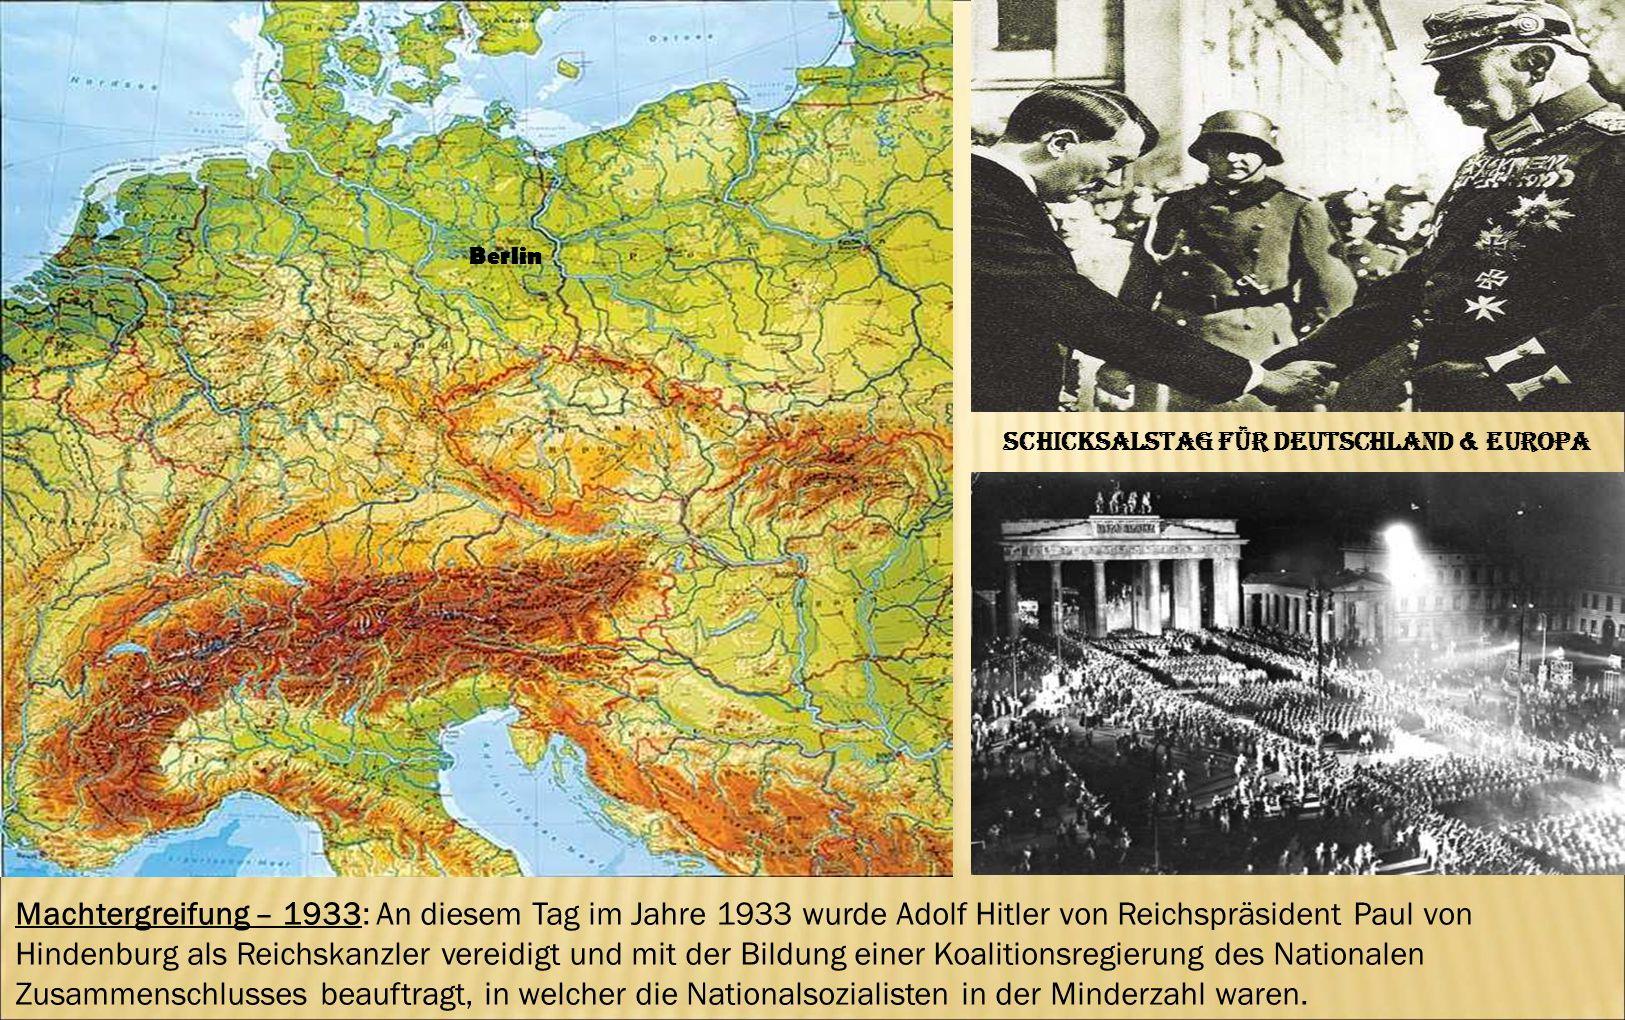 Berlin Machtergreifung – 1933: An diesem Tag im Jahre 1933 wurde Adolf Hitler von Reichspräsident Paul von Hindenburg als Reichskanzler vereidigt und